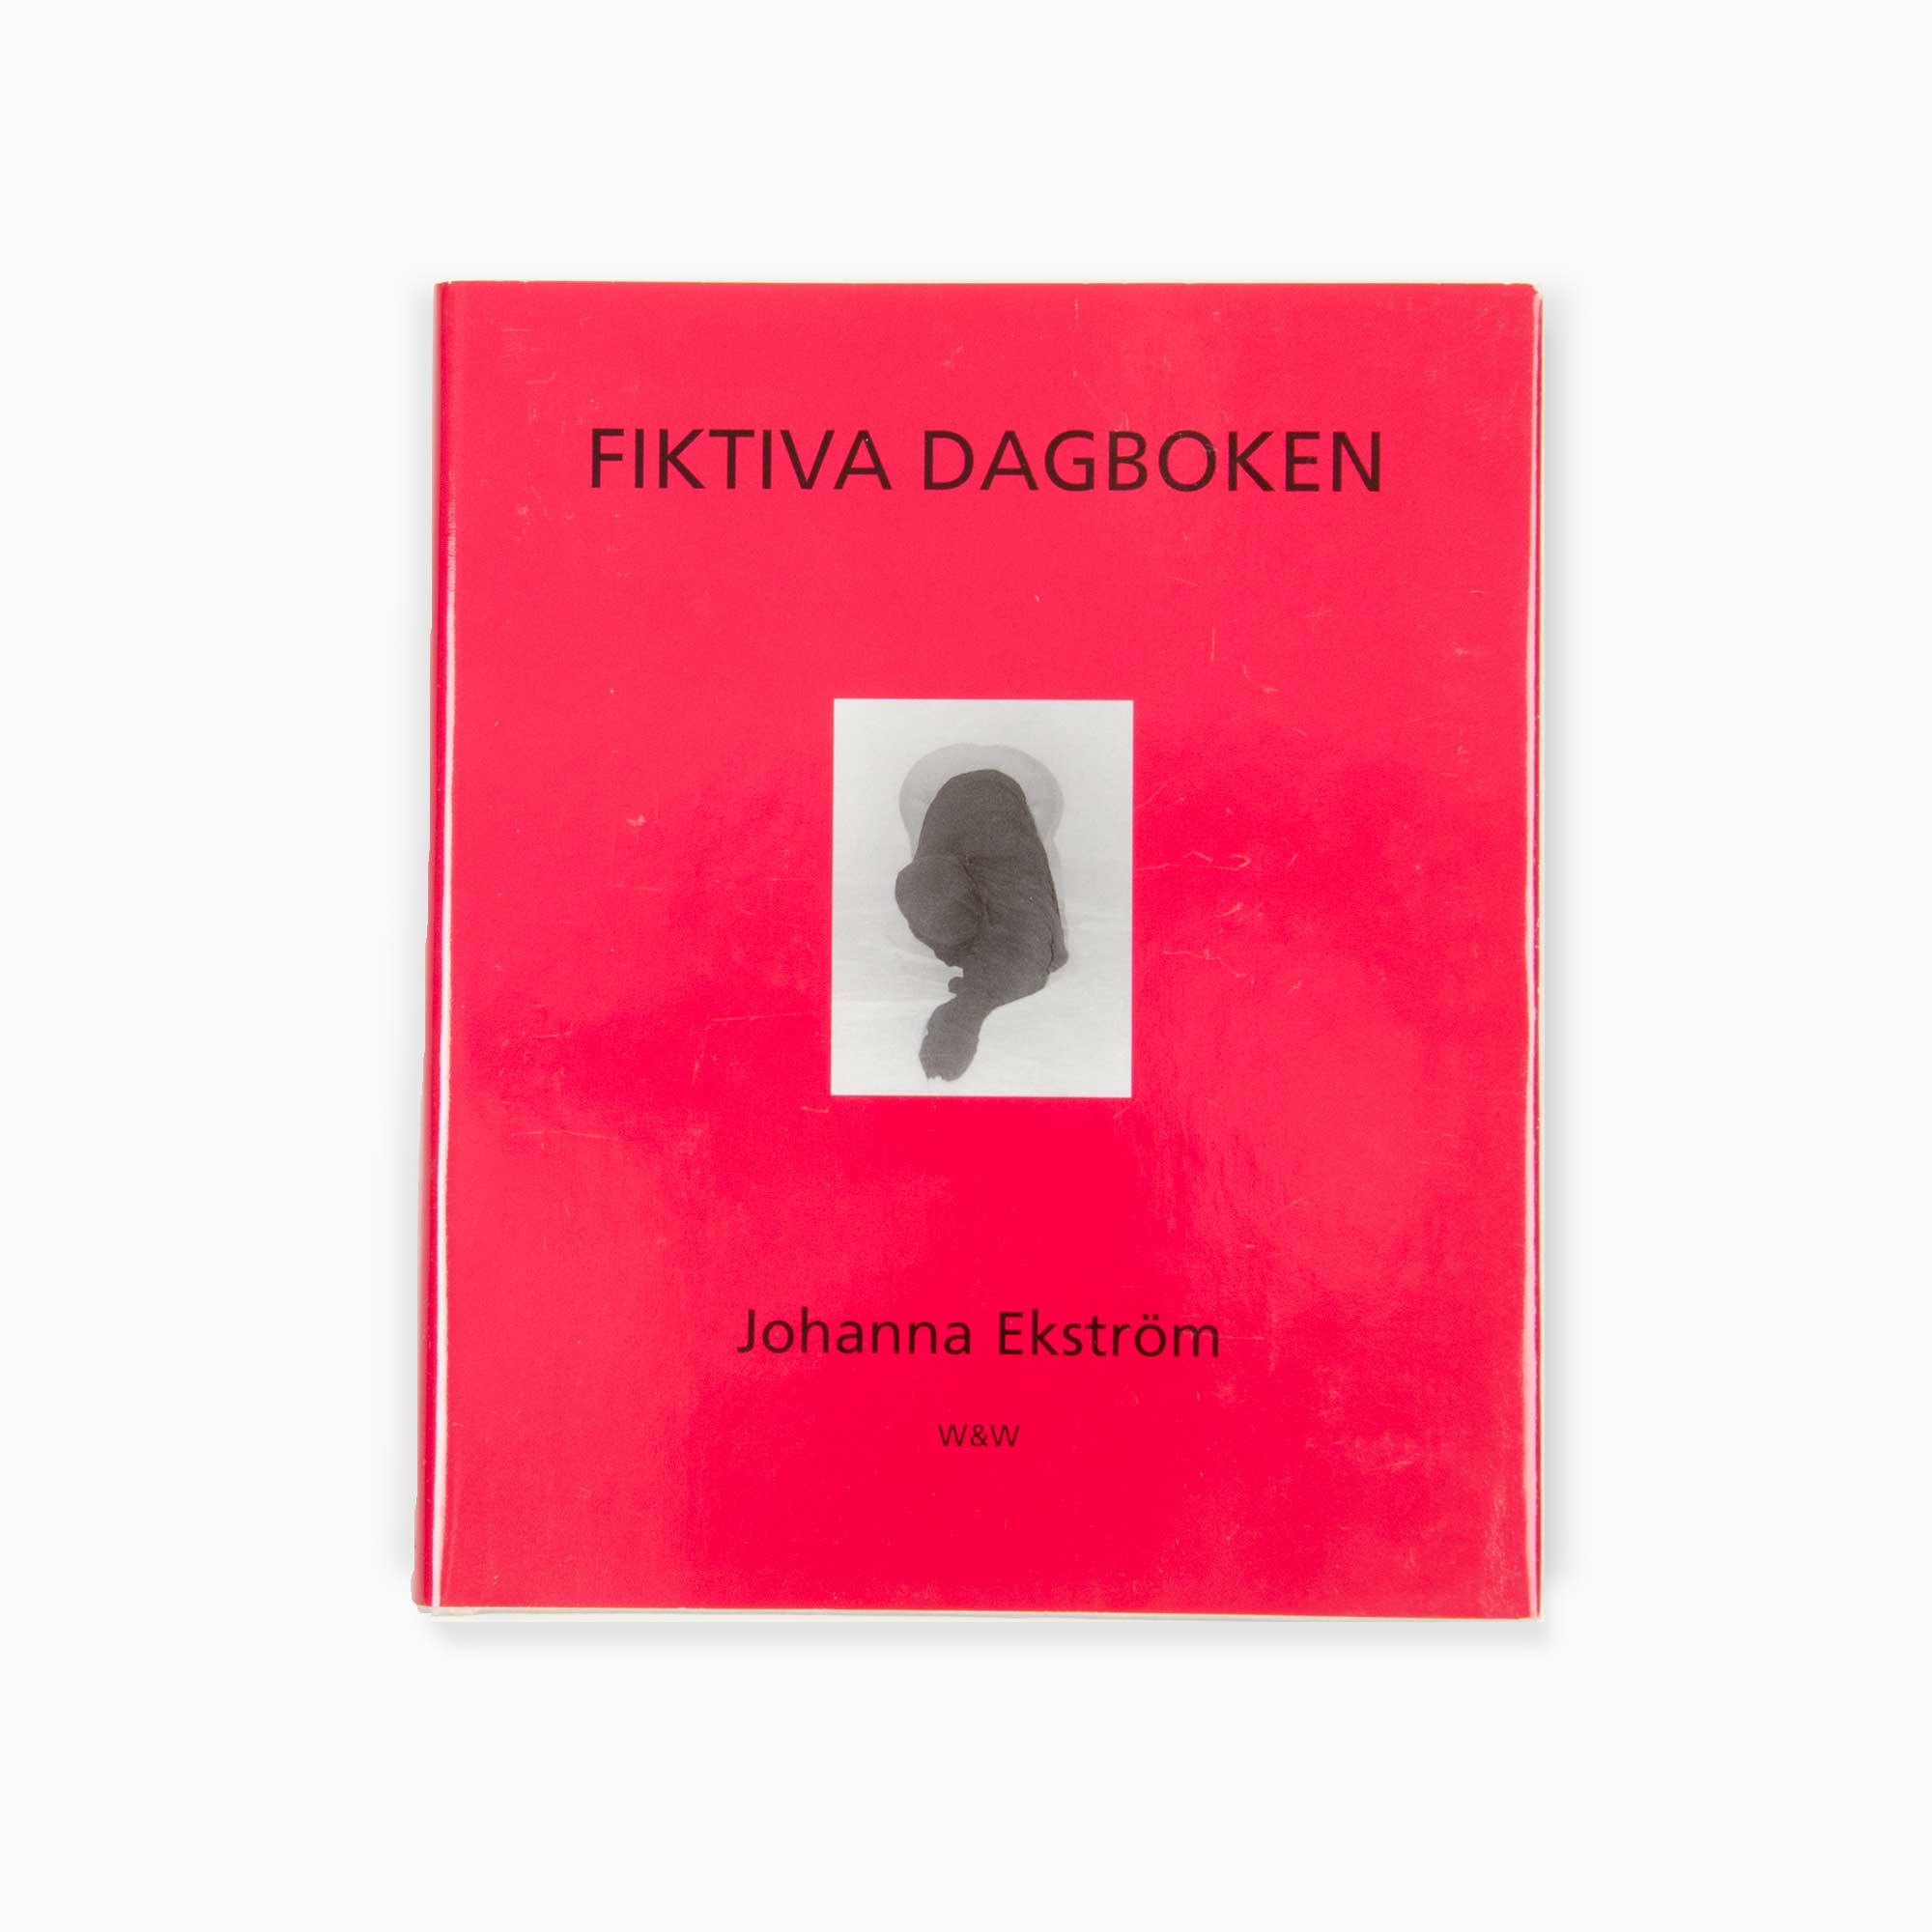 Fiktiva Dagboken